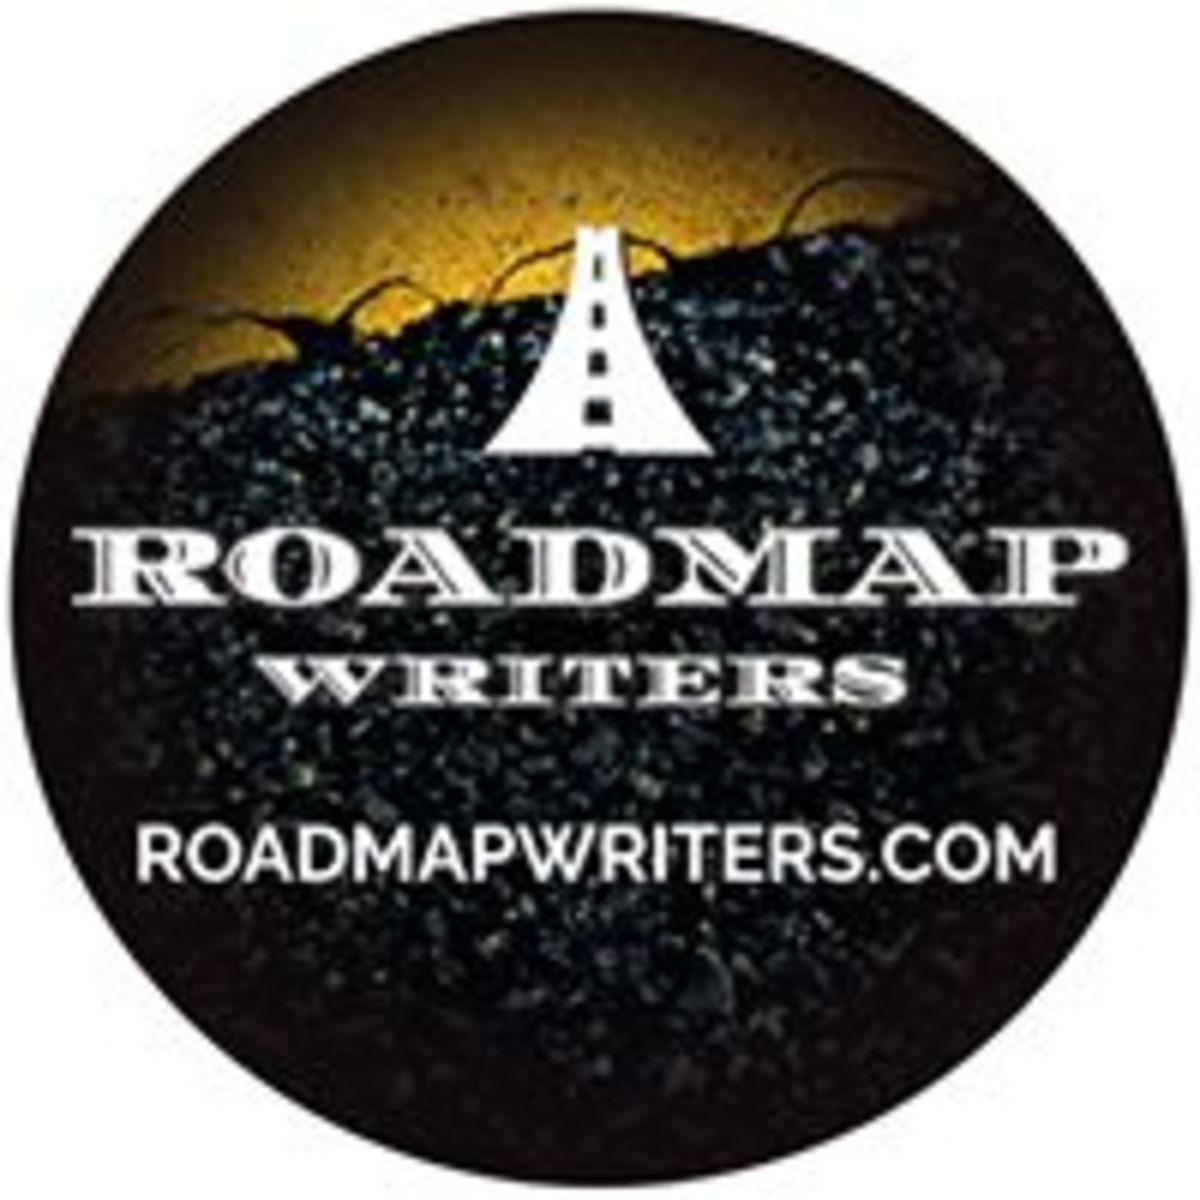 roadmap writers